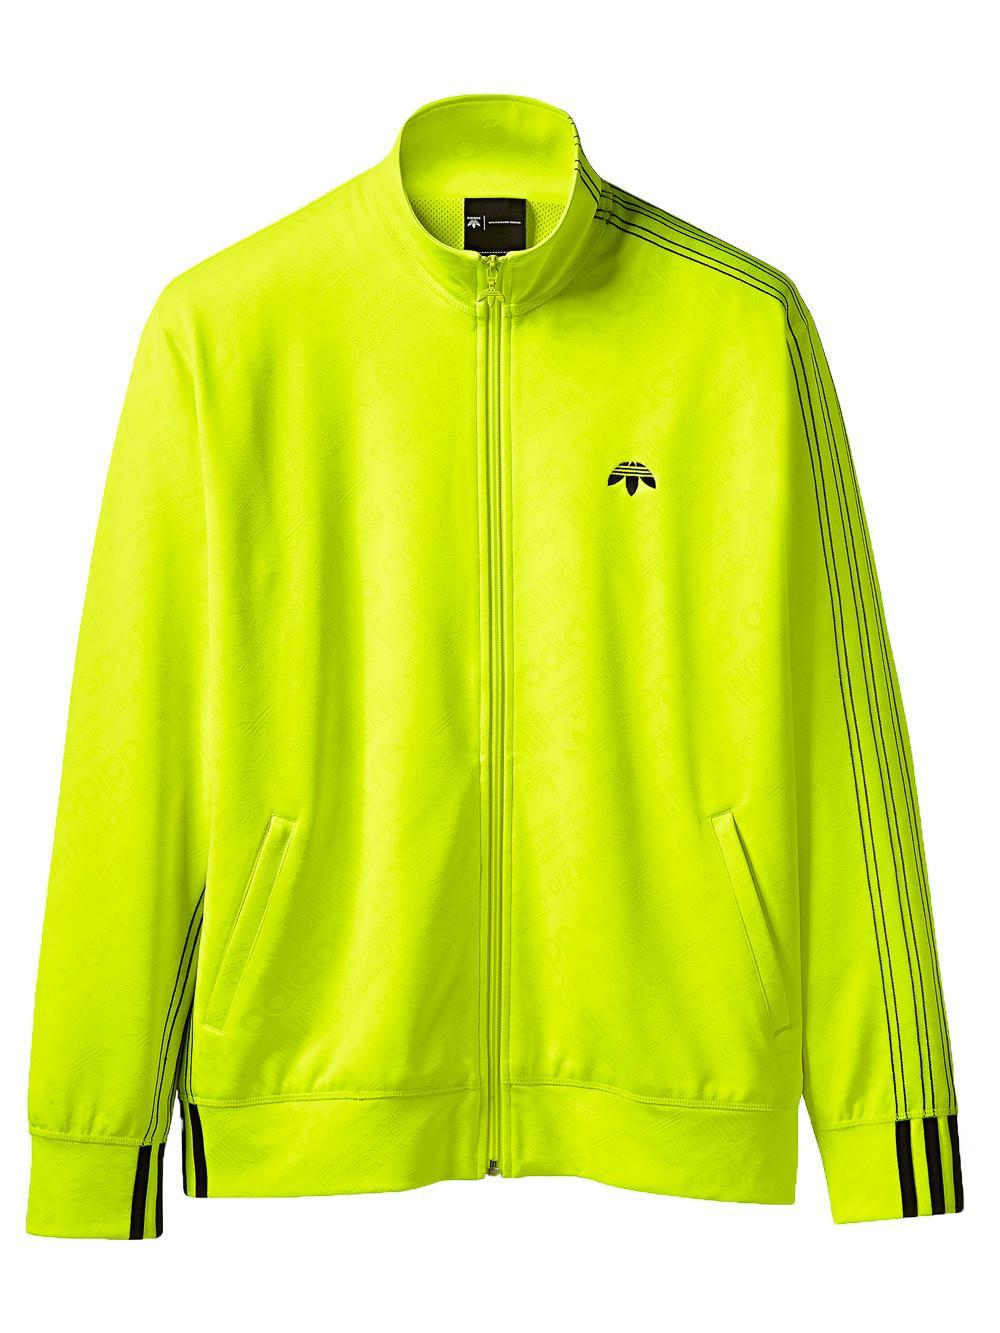 AW Jacquard Track Jacket